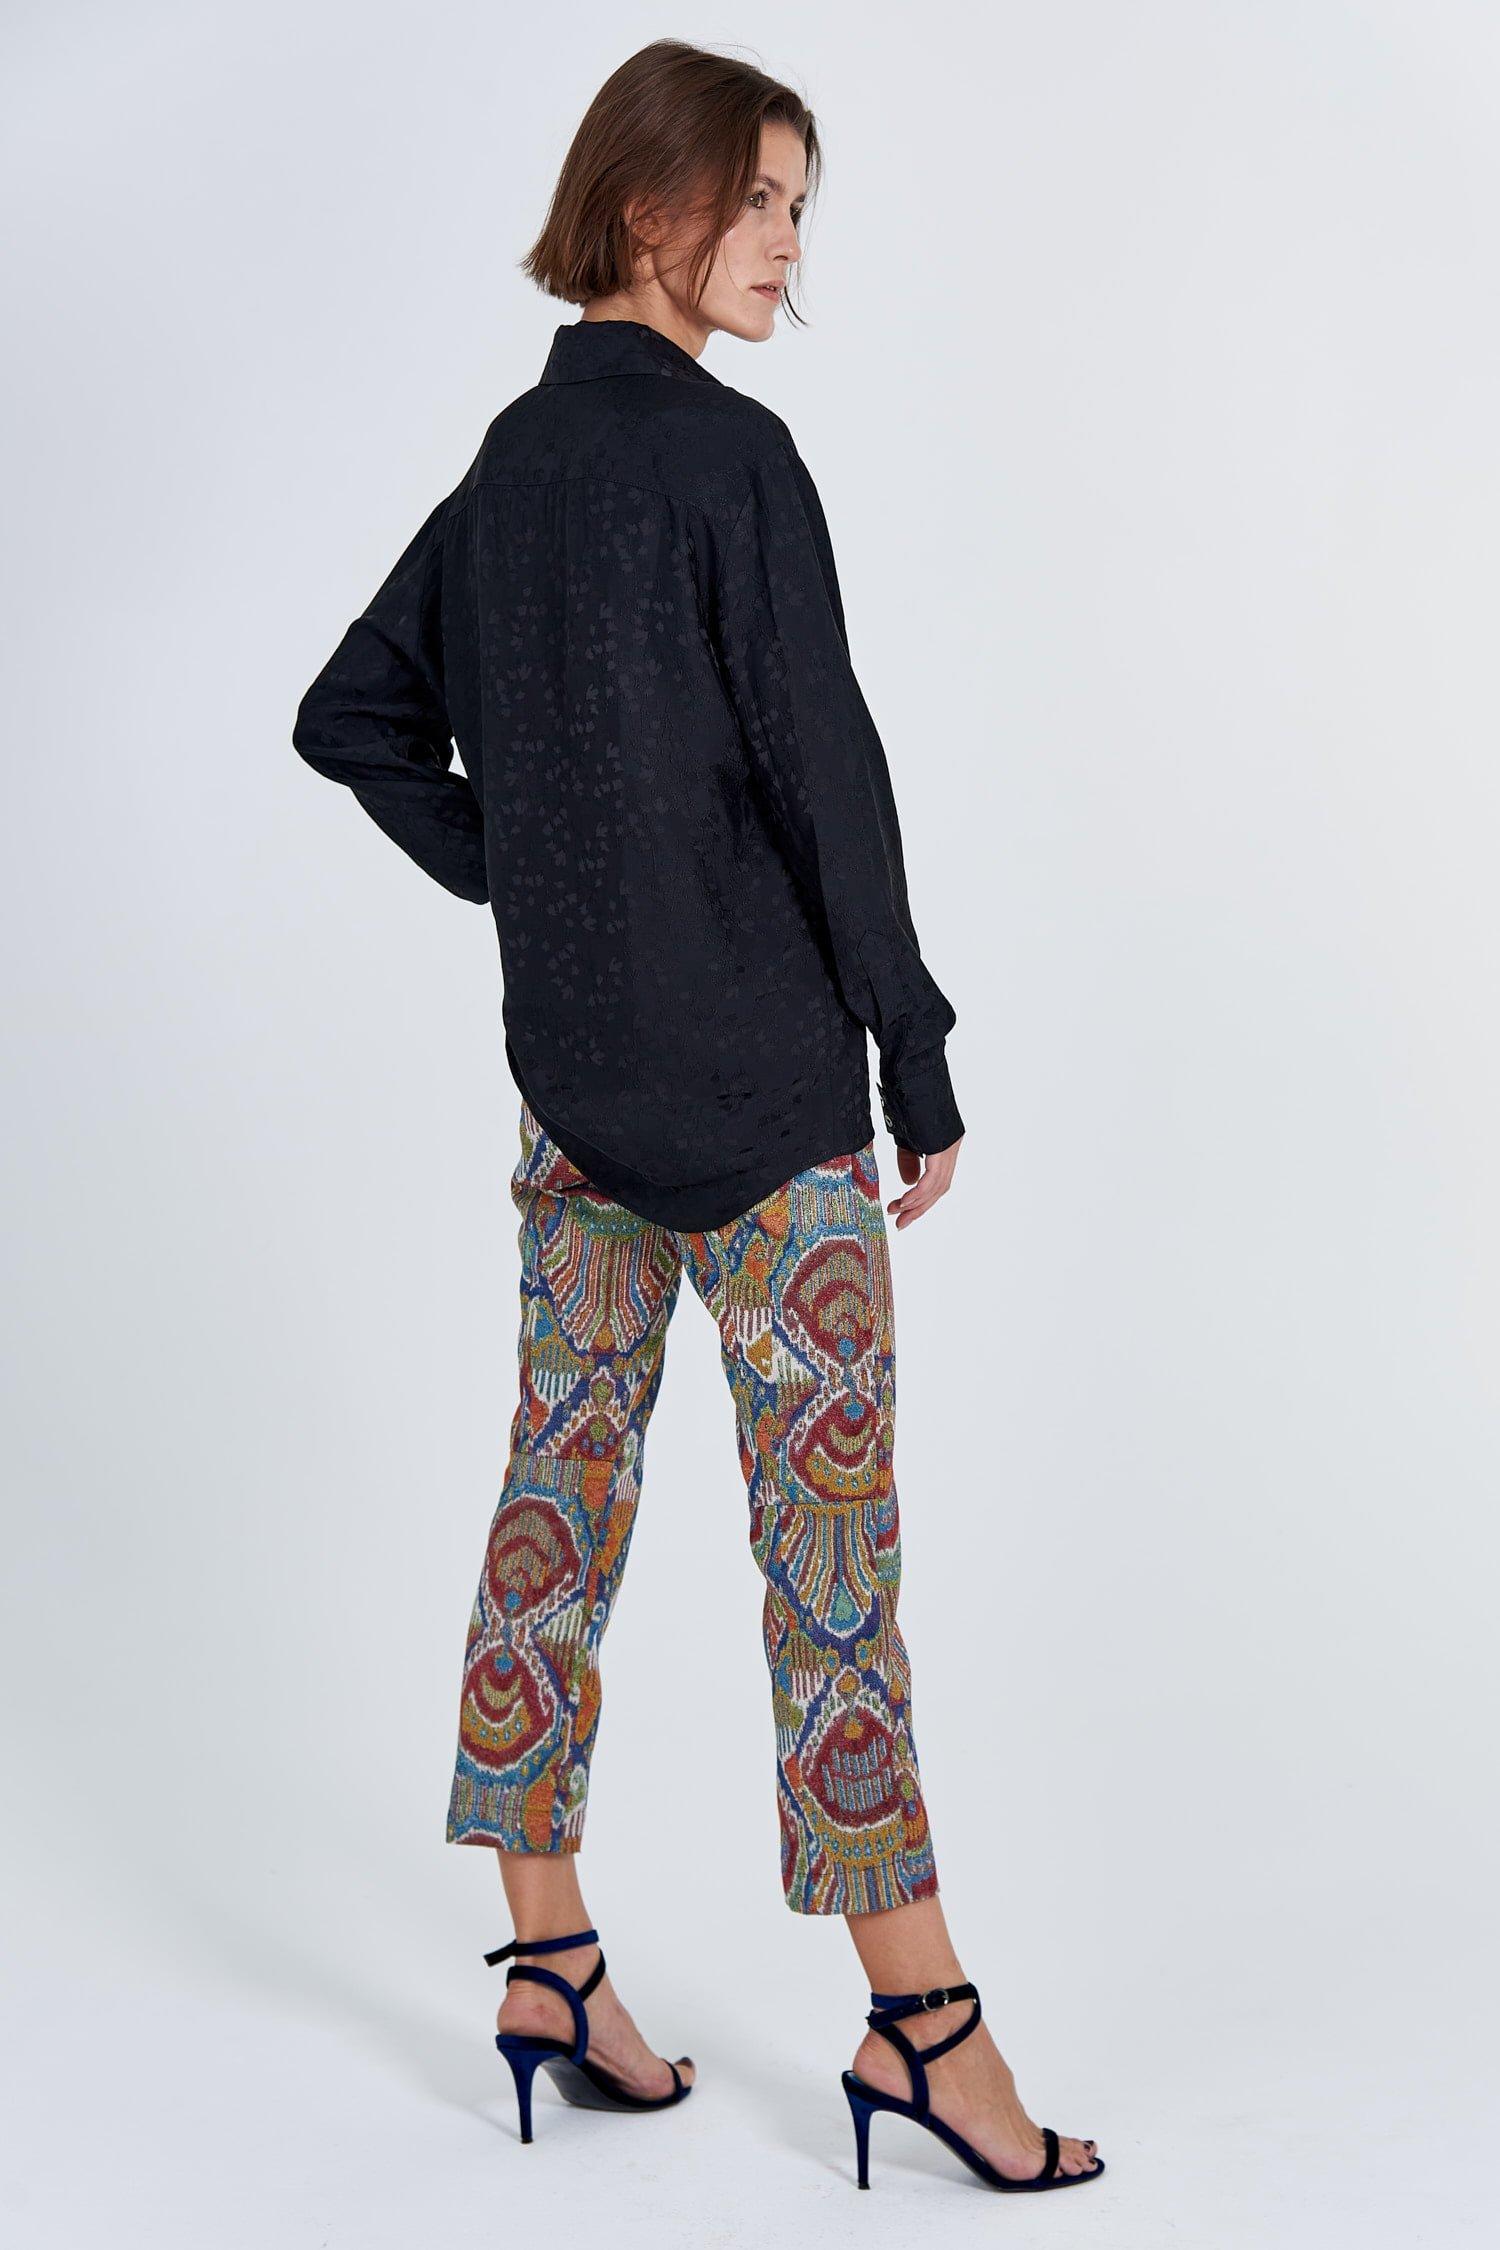 Acephala Fw 2020 21 Black Jacquard Shirt Jacquard Trousers Back Side